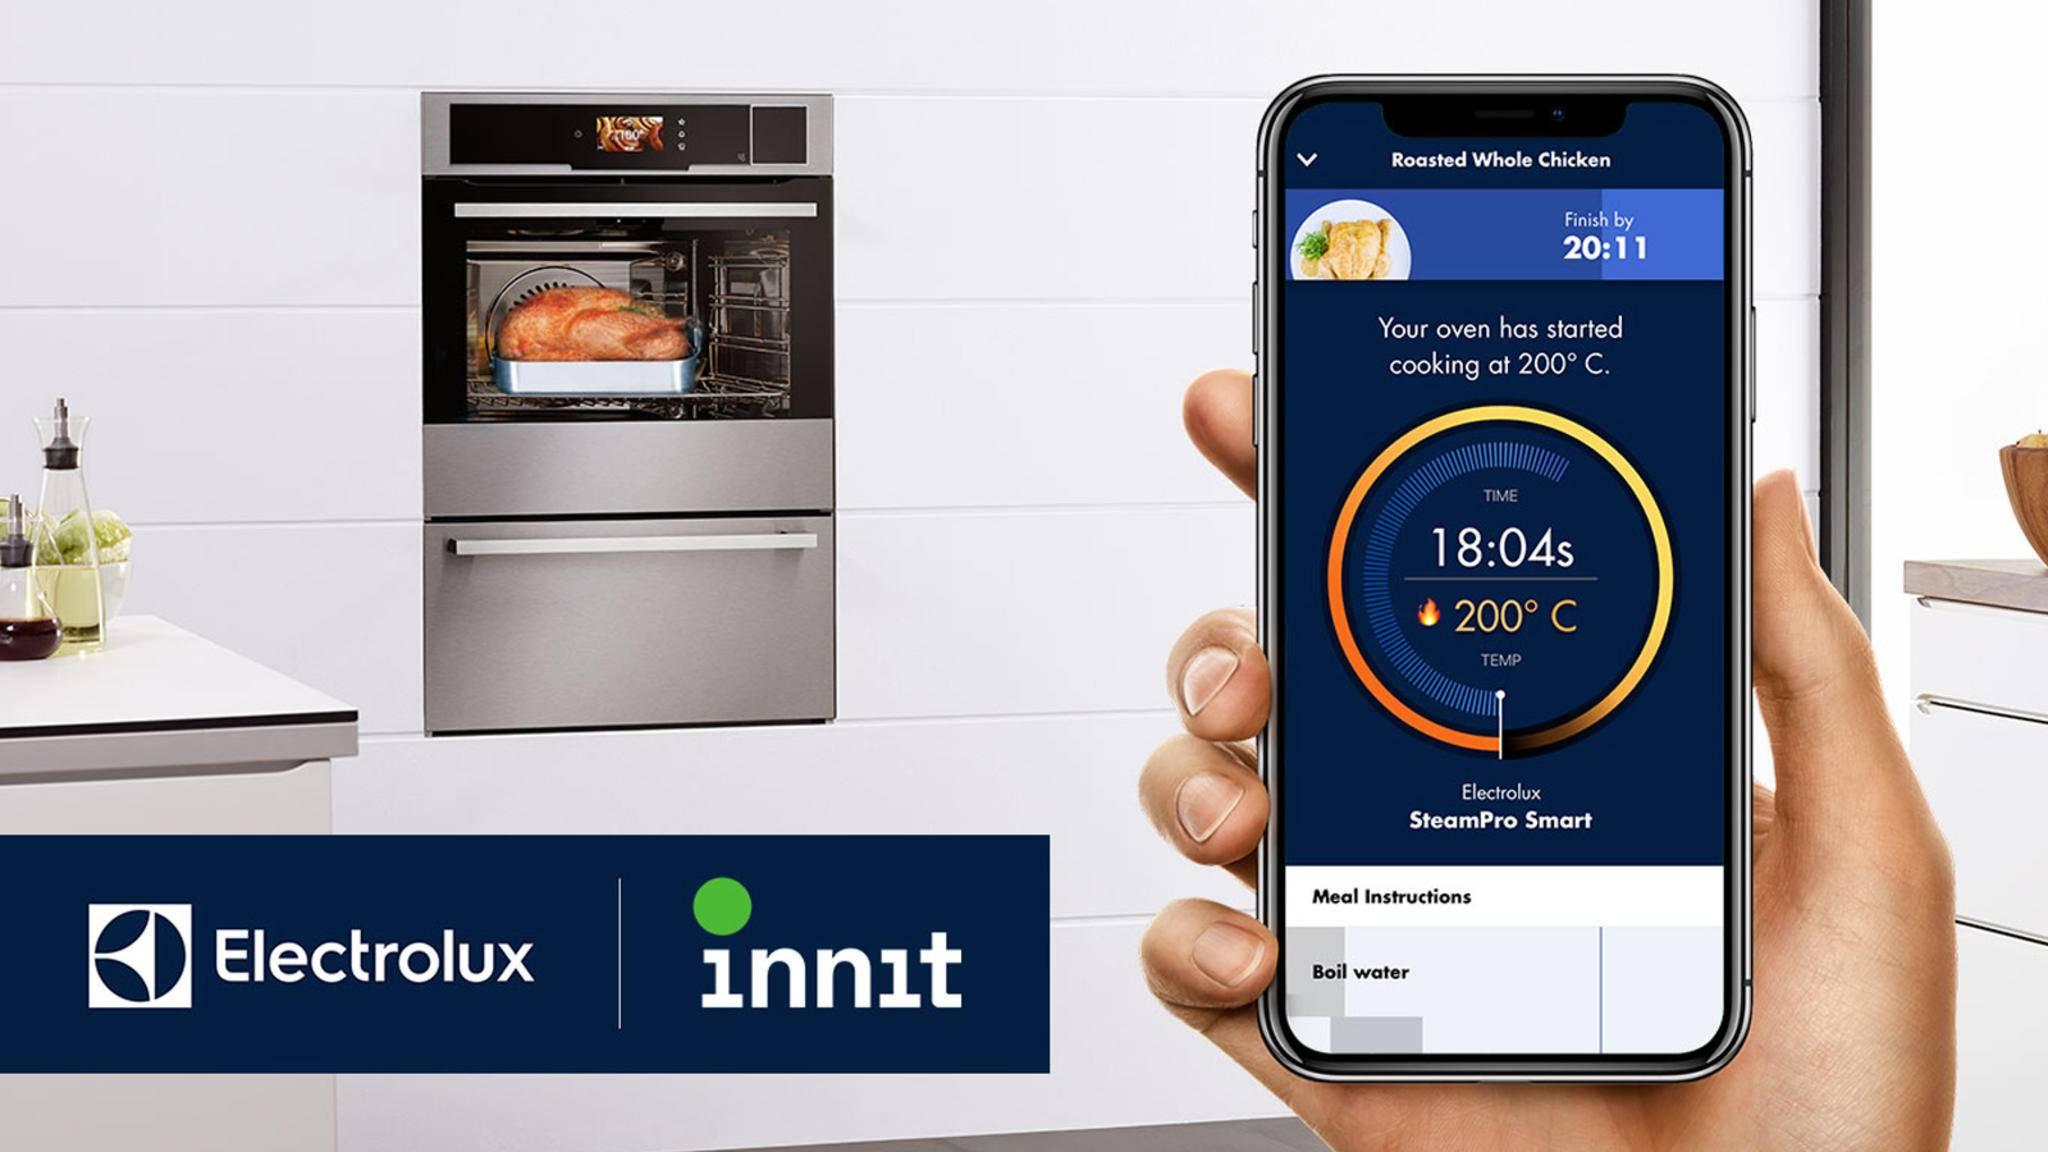 Die Integration von Electrolux-Geräten in die Innit-App soll das Multitasking beim Kochen deutlich erleichtern.